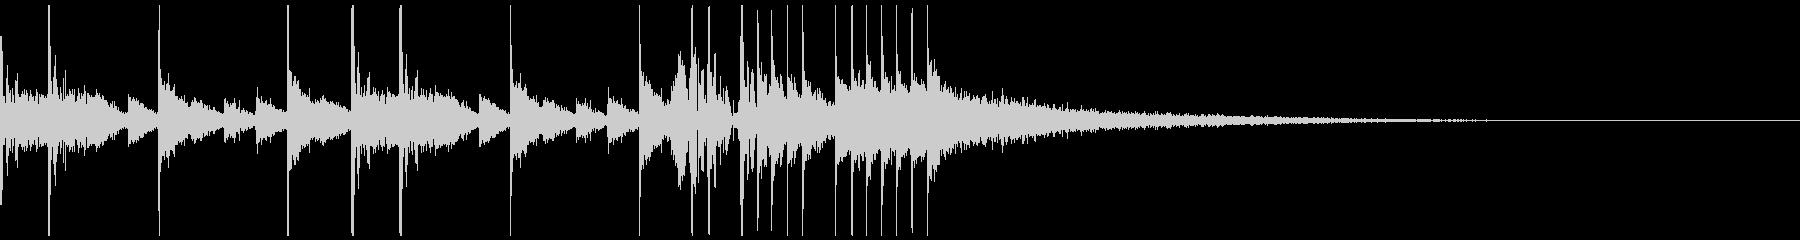 ドラムのジングル、サウンドロゴの未再生の波形